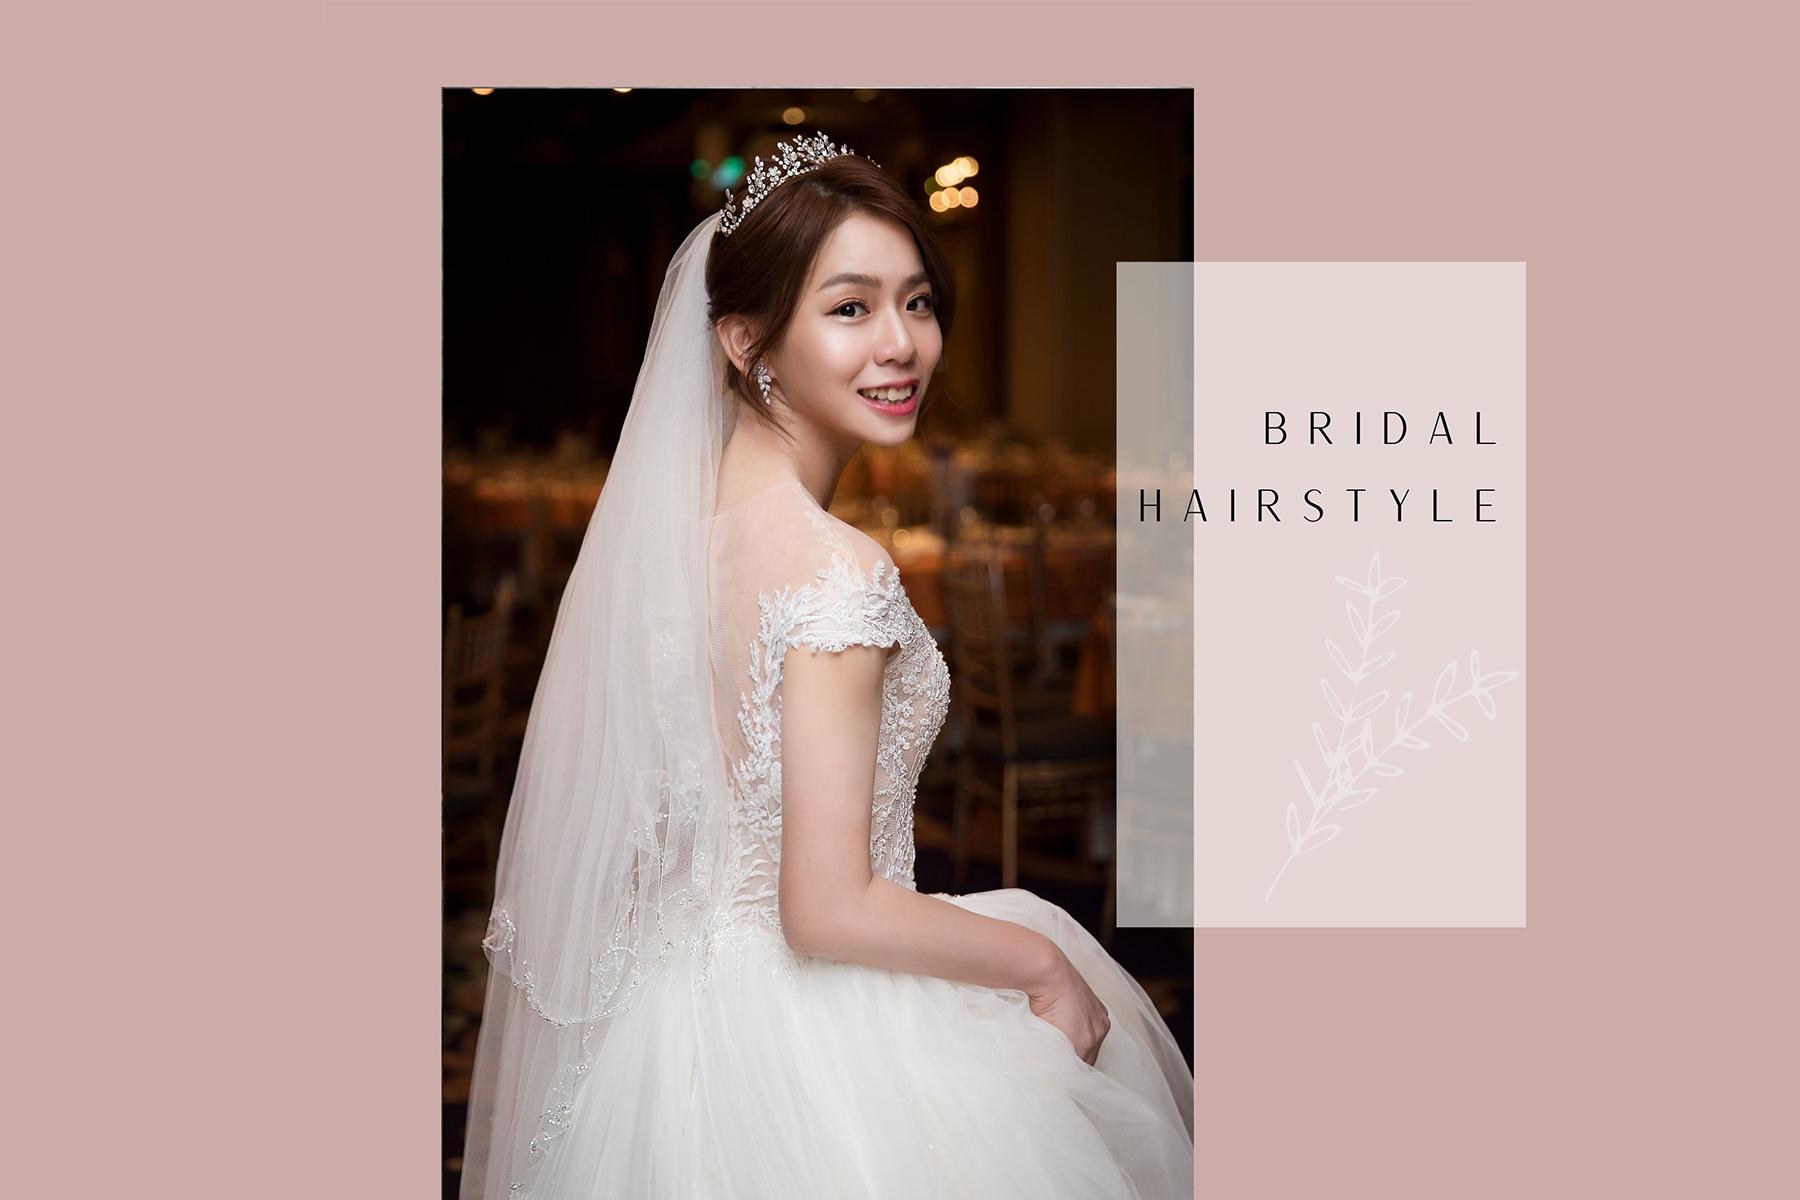 黑皮膚女孩的自然感新娘妝容,讓賓客驚艷又不會失去妳原有特色